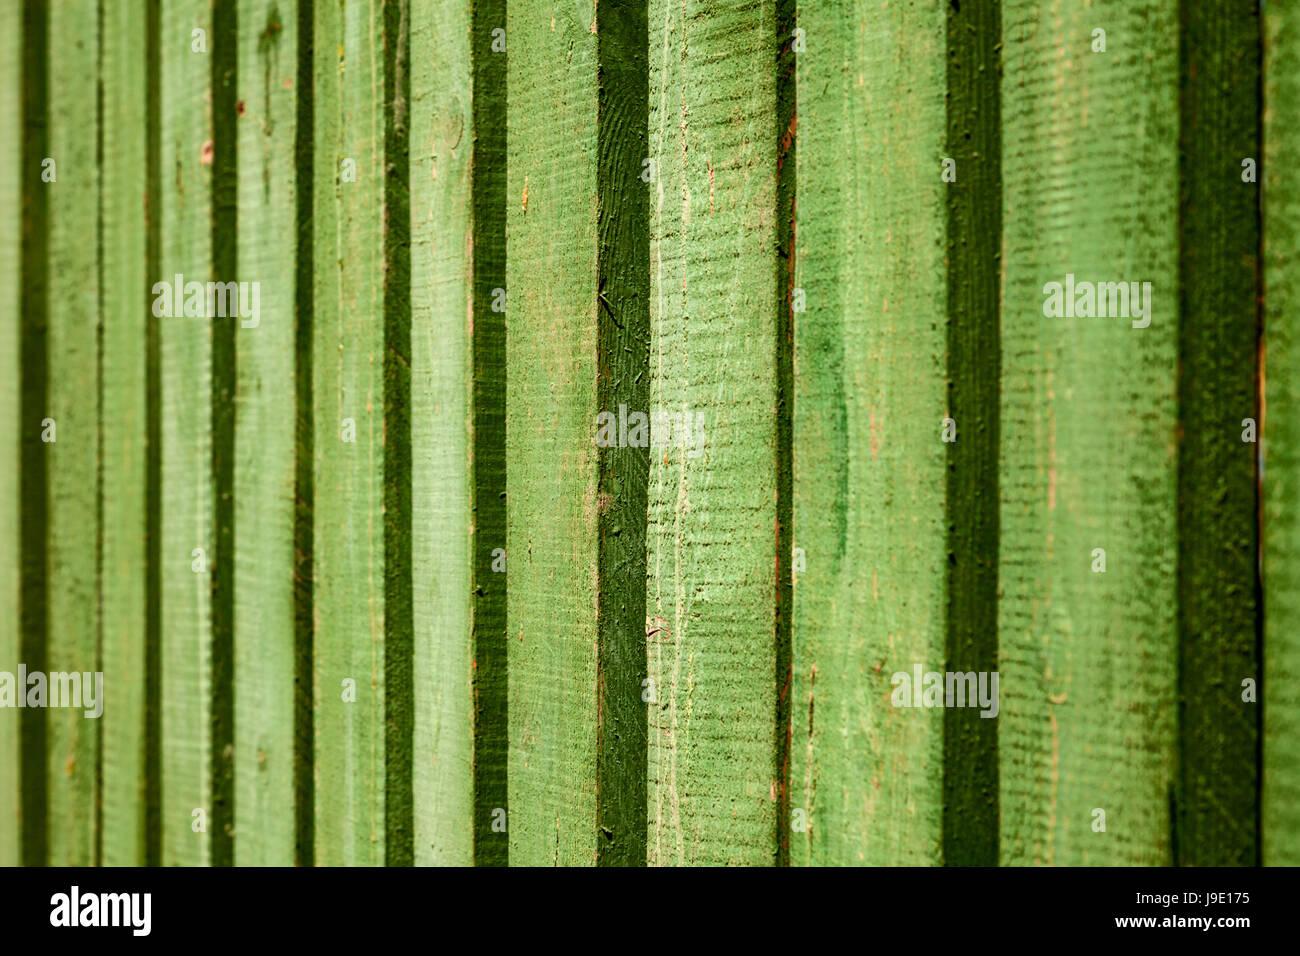 Leuchtend Grün Lackiert Holzzaun Hintergrund. Geometrische Vertikal  Gestreifte Textur Rauhe Wand